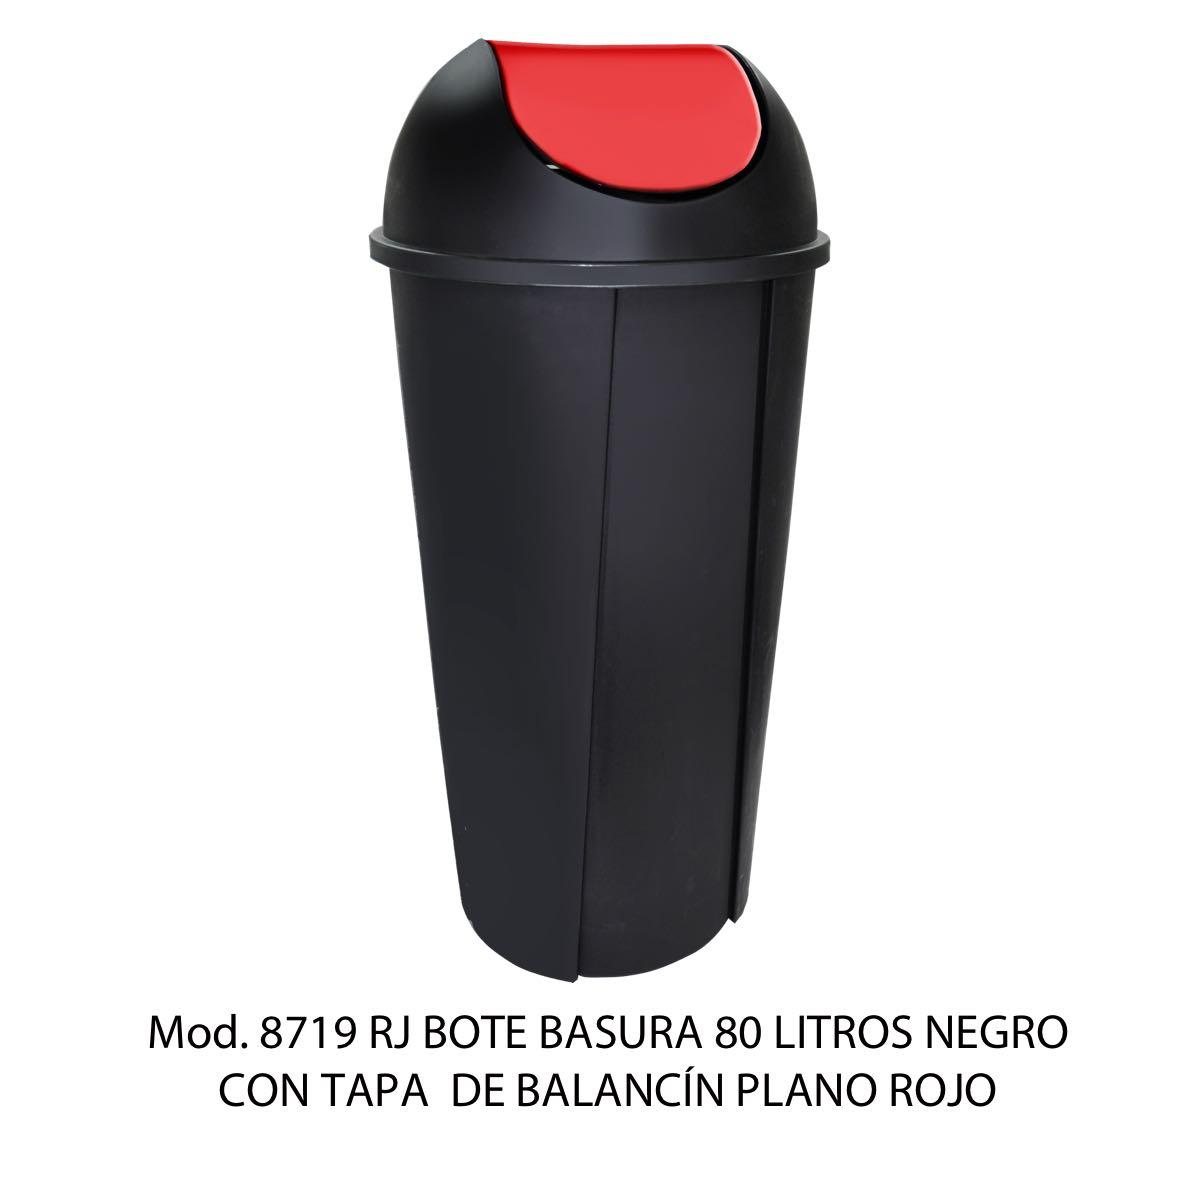 Bote de basura redondo negro de 80 litros con tapa rojo tipo balancín liso modelo 8719 RJ Sablón